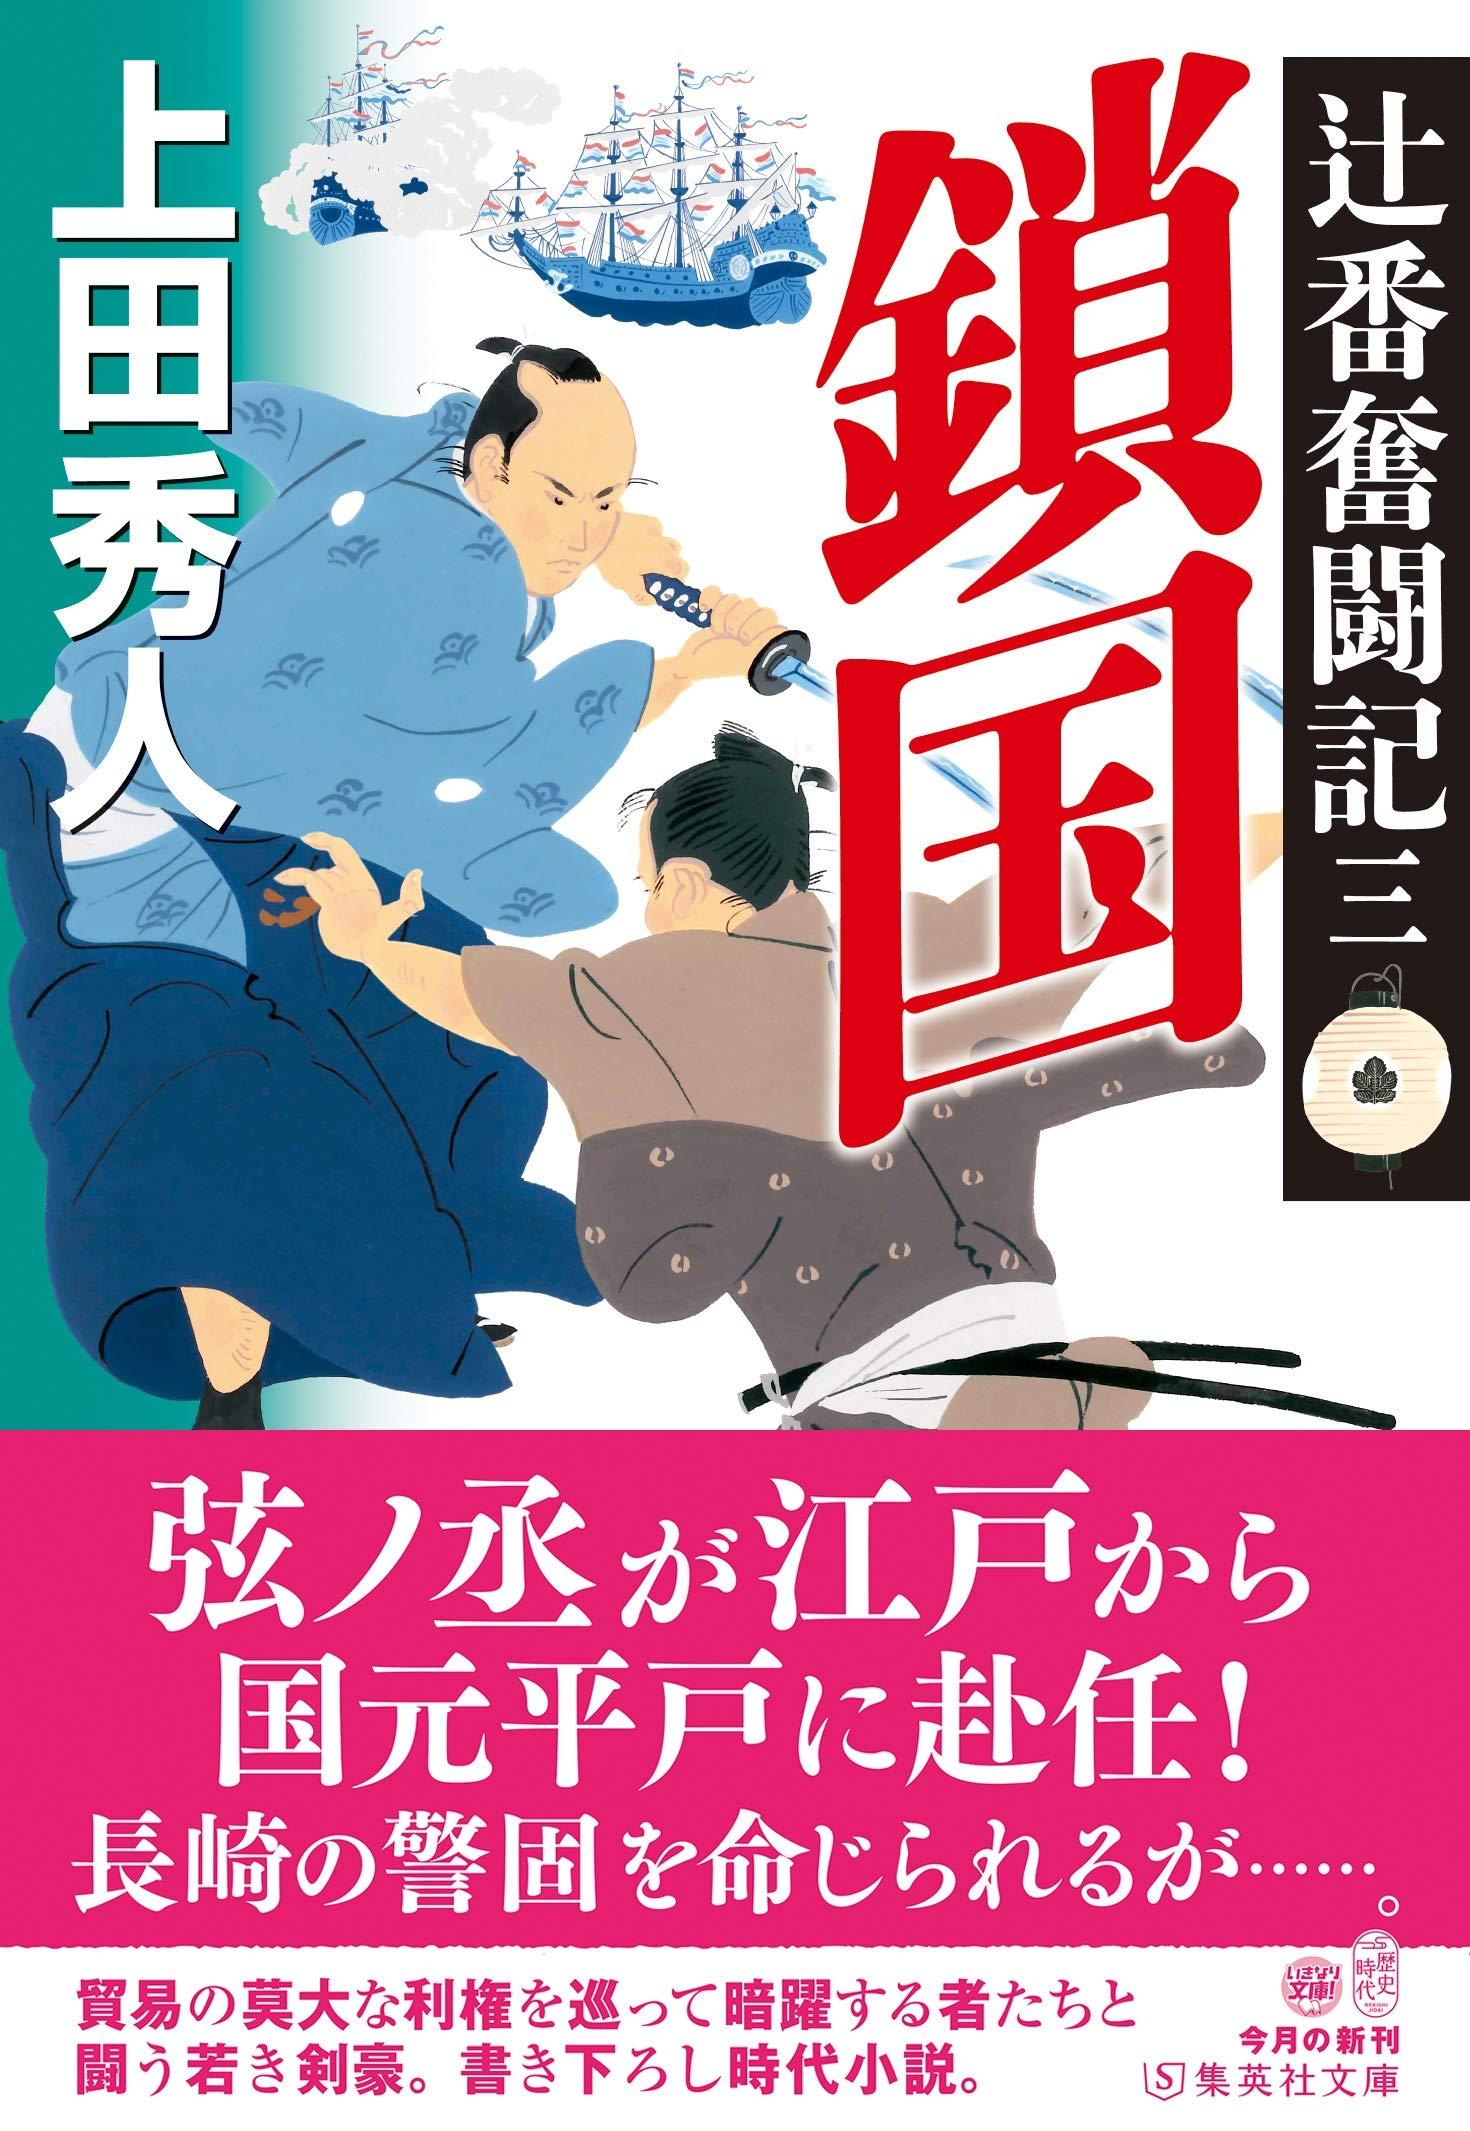 発売 新刊 予定 文庫 小説 時代